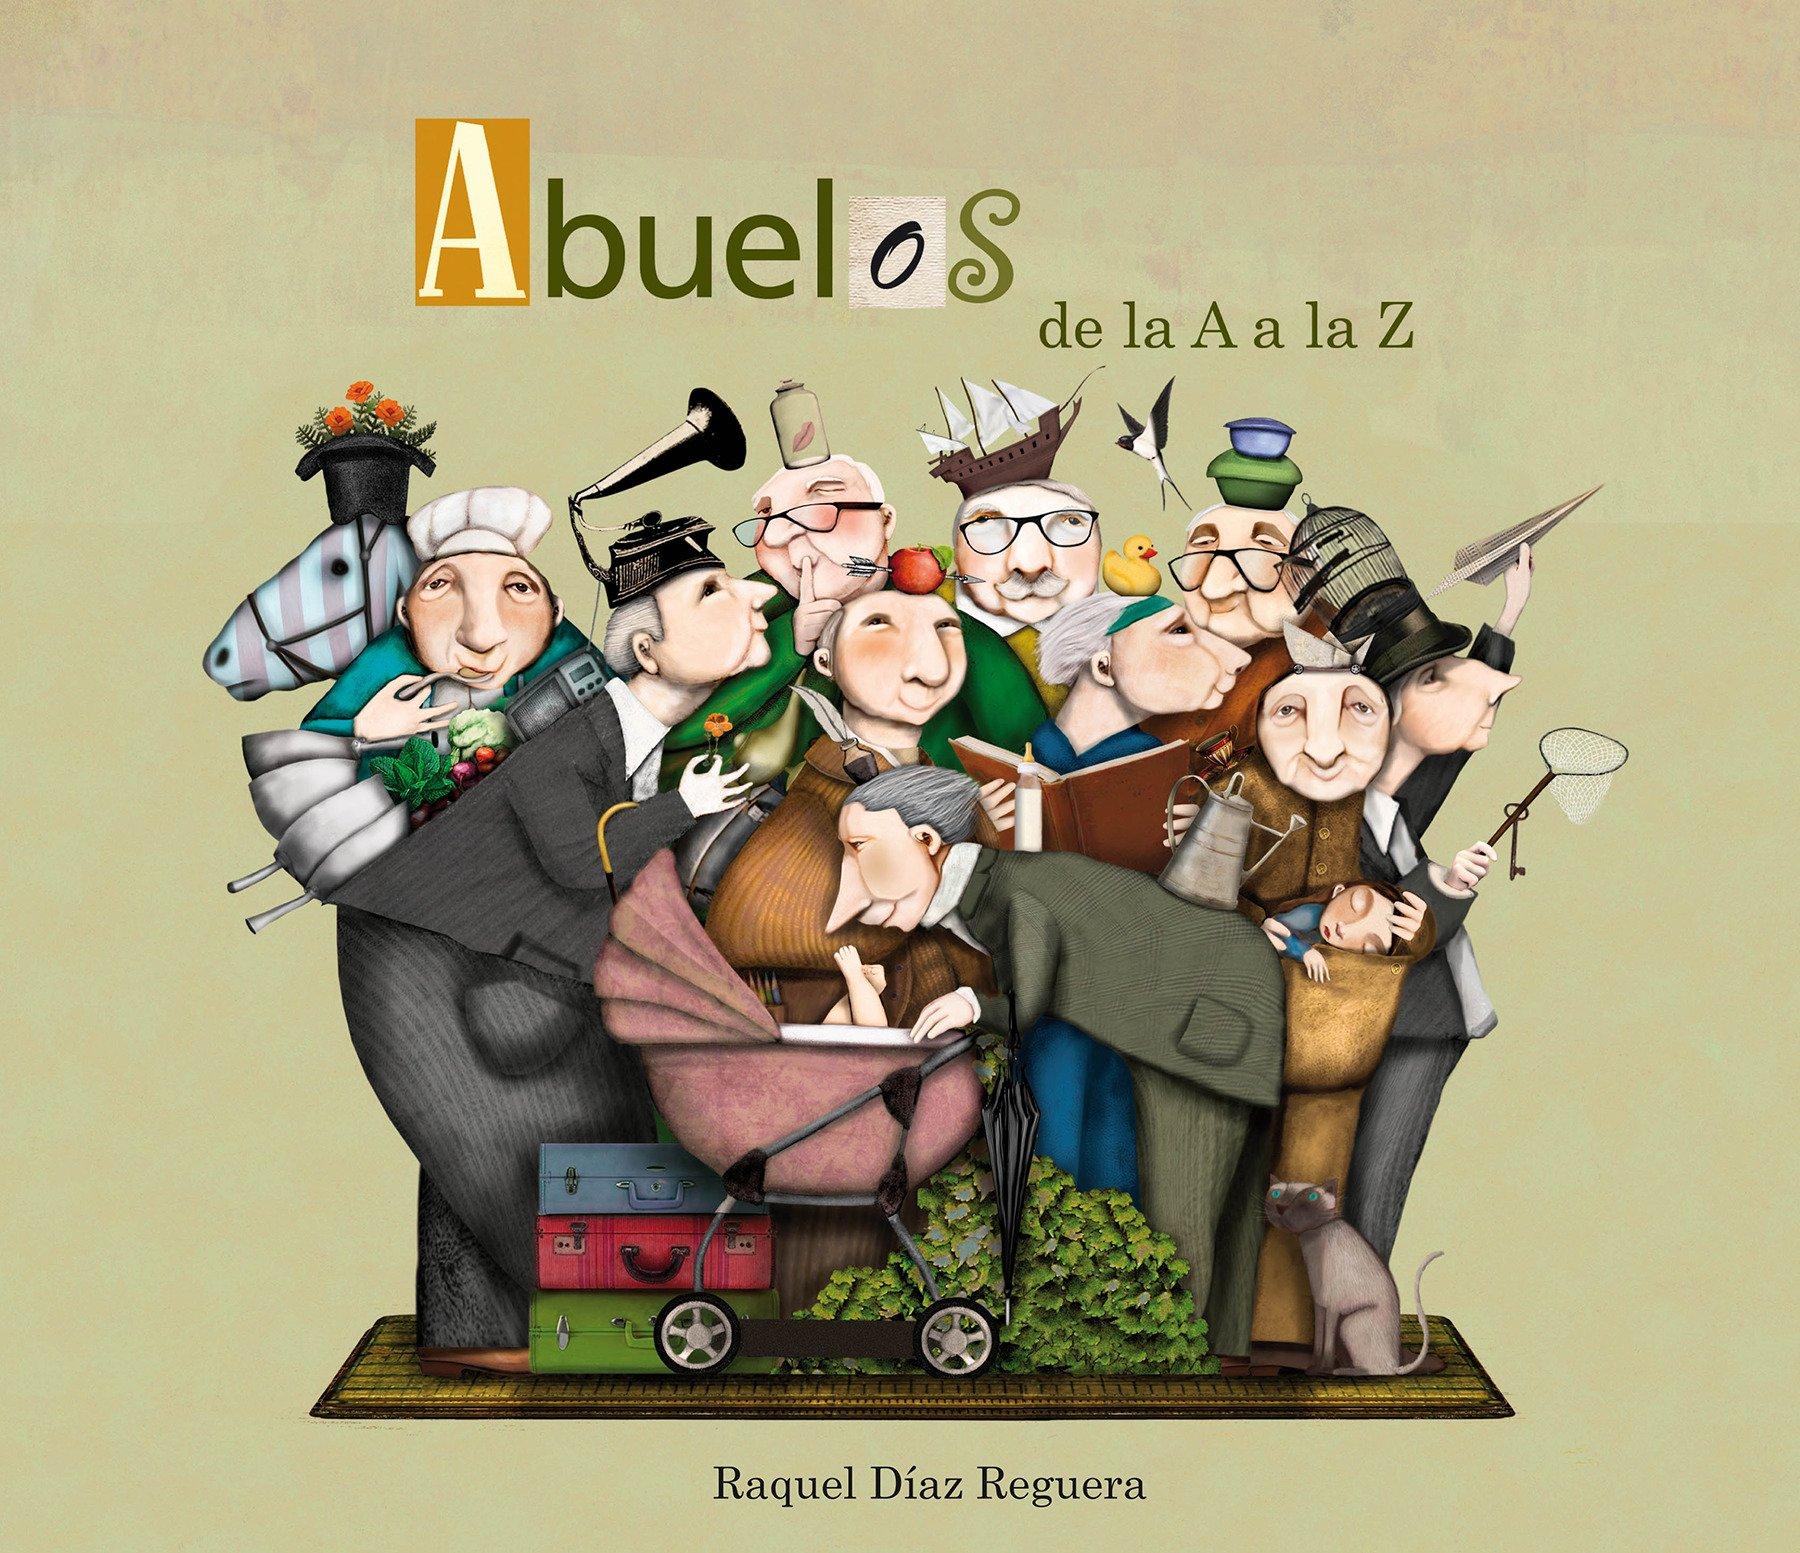 Abuelos de la A a la Z / Grandfather?s From A to Z (Spanish Edition): Raquel Diaz Reguera: 9788448844479: Amazon.com: Books